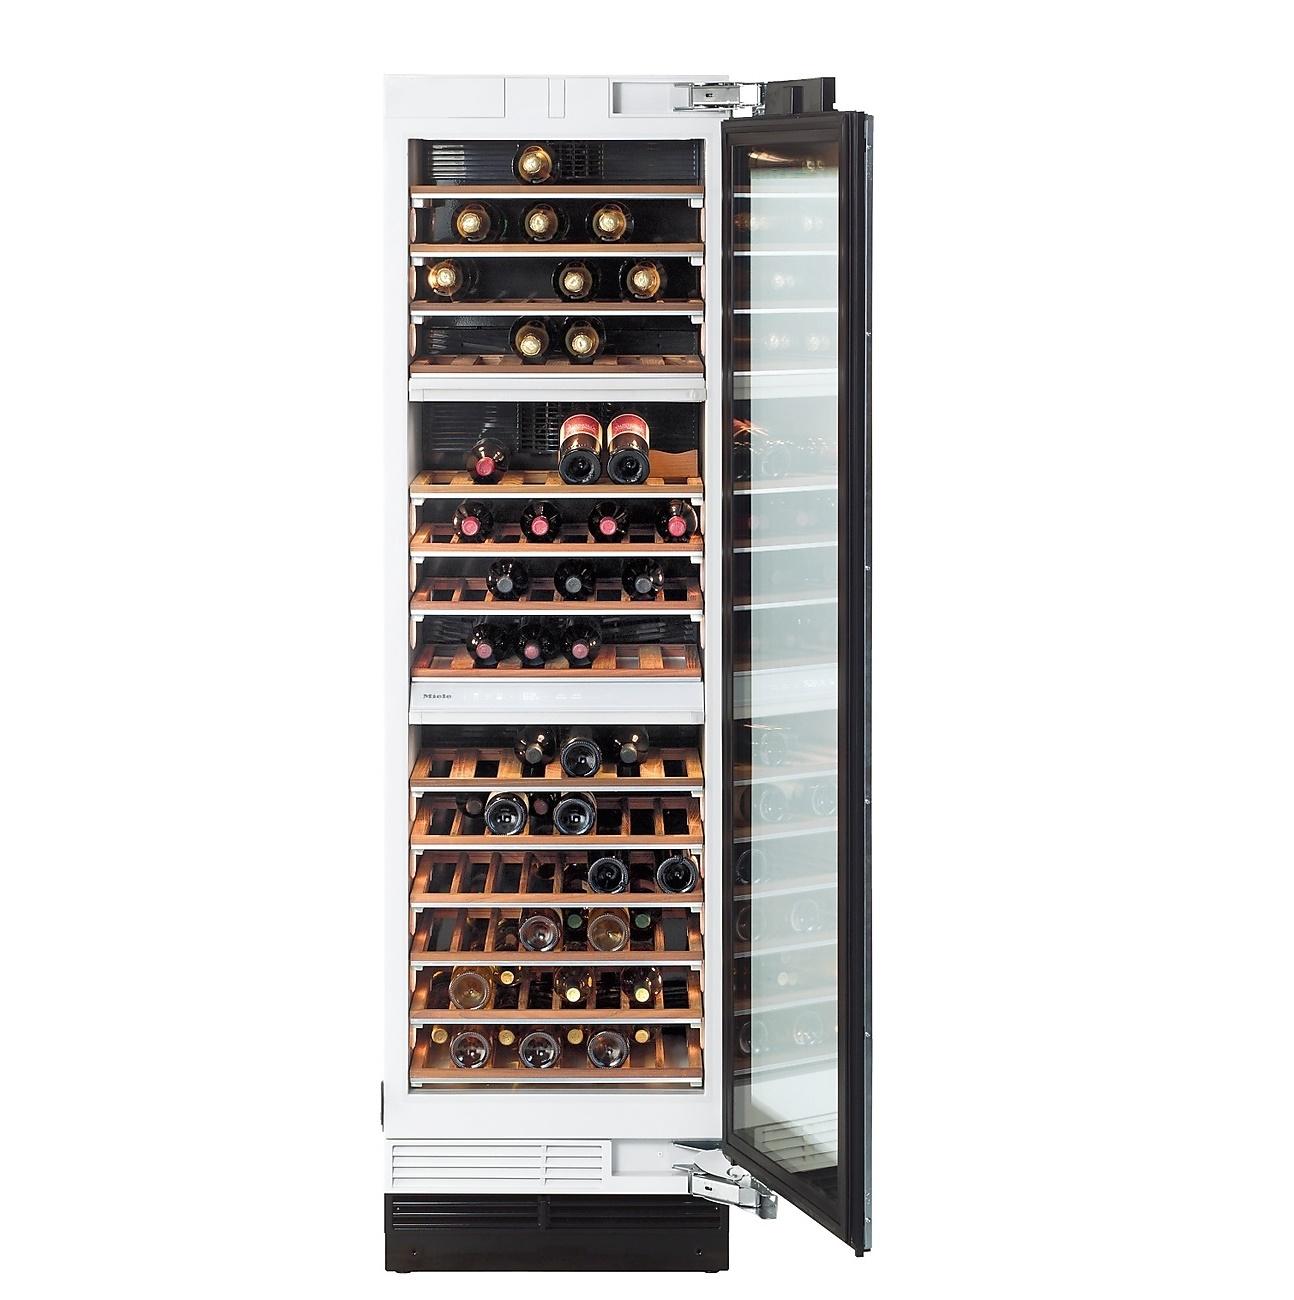 Miele ugradni vinski frižider KWT 1602 Vi - Inelektronik